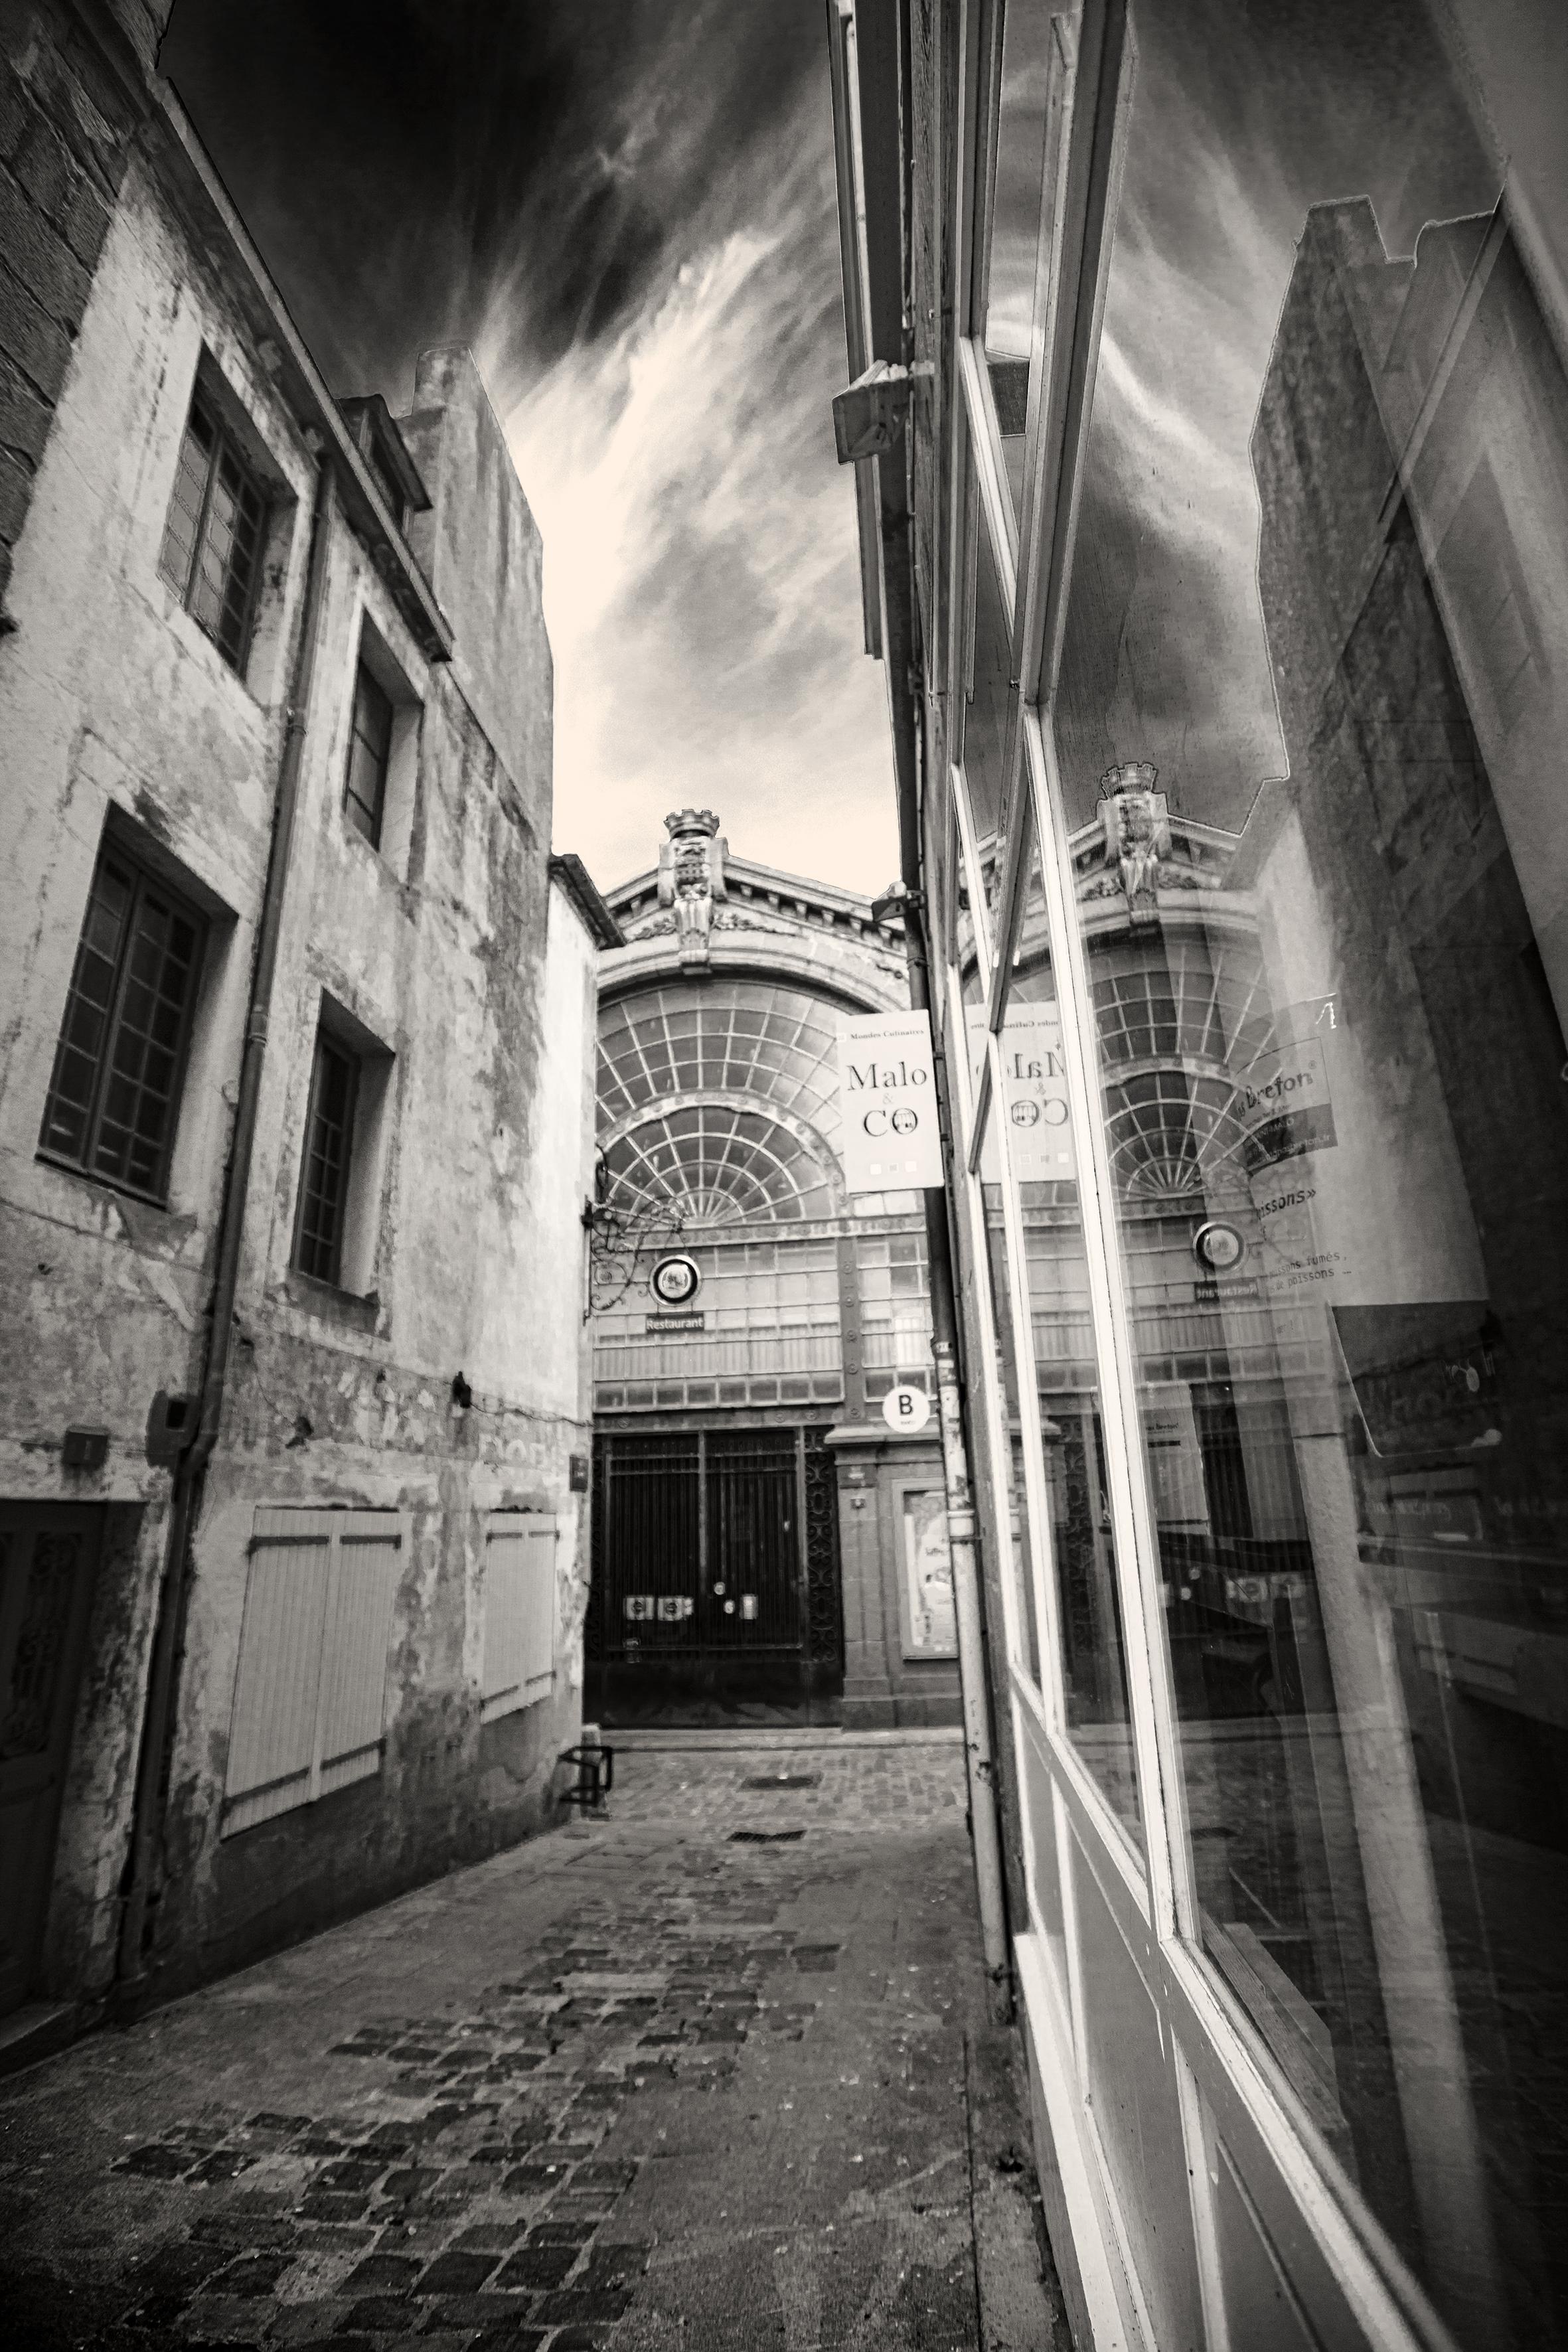 Halle aux blés - Rue de l'orme noir et blanc